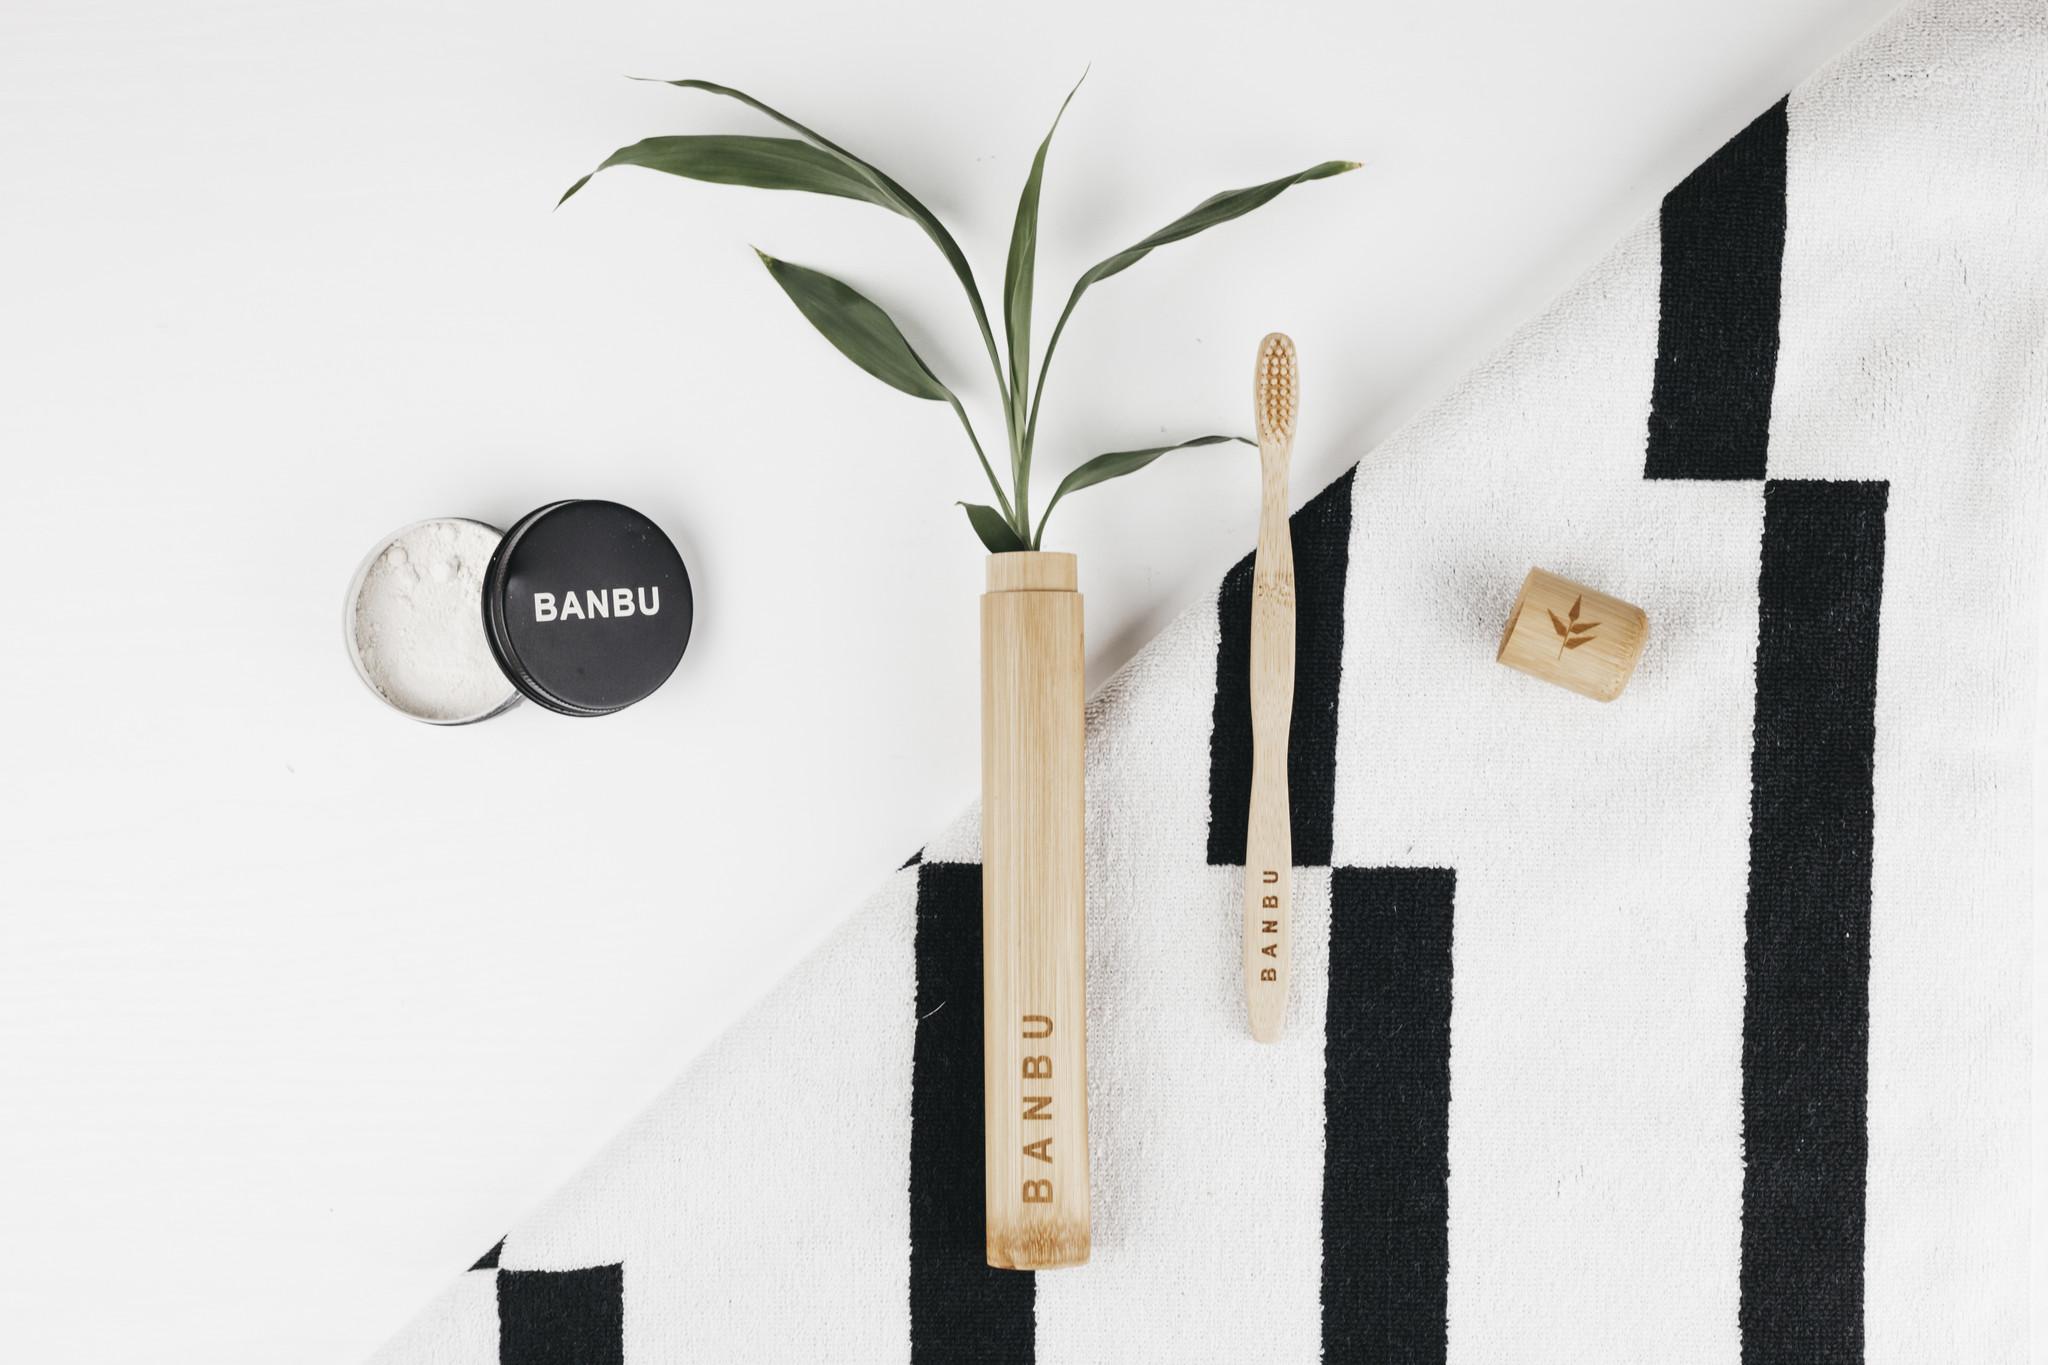 Banbu